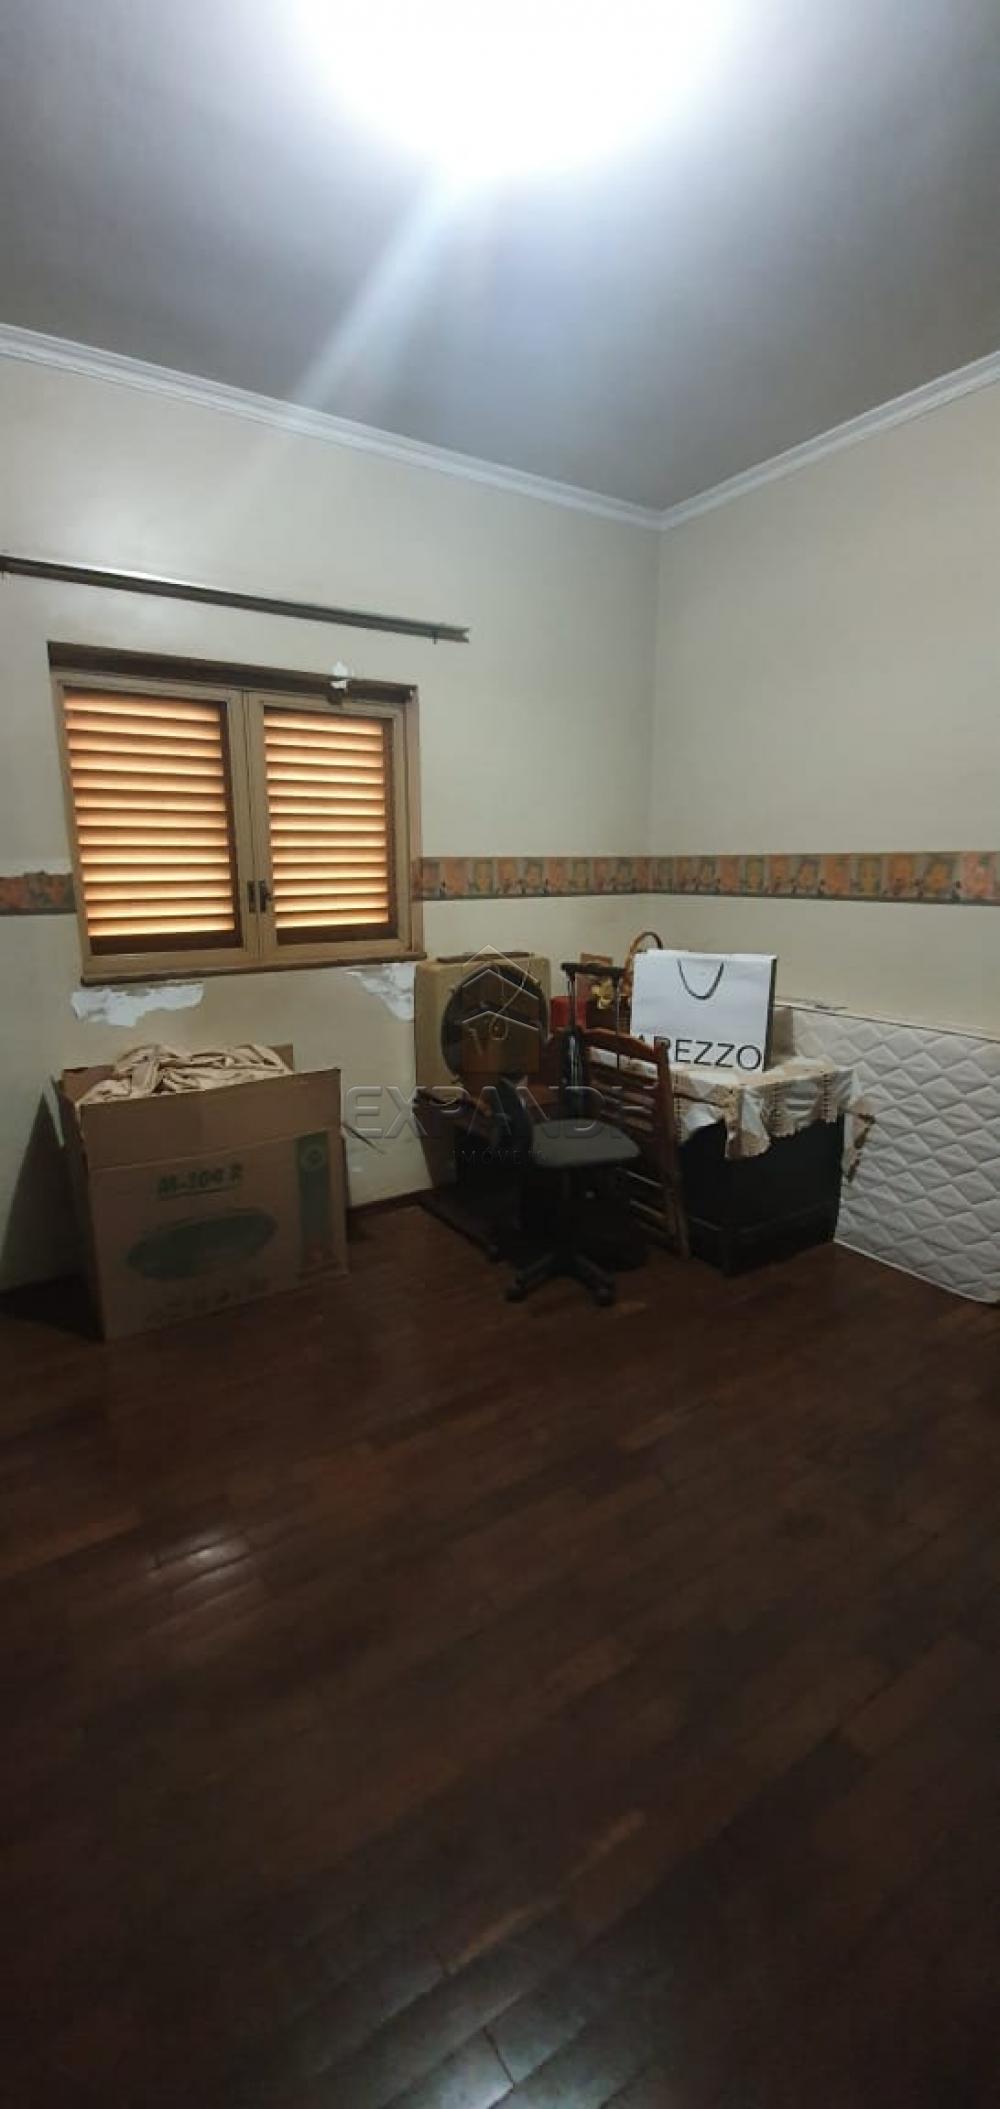 Comprar Apartamentos / Padrão em Sertãozinho apenas R$ 650.000,00 - Foto 10